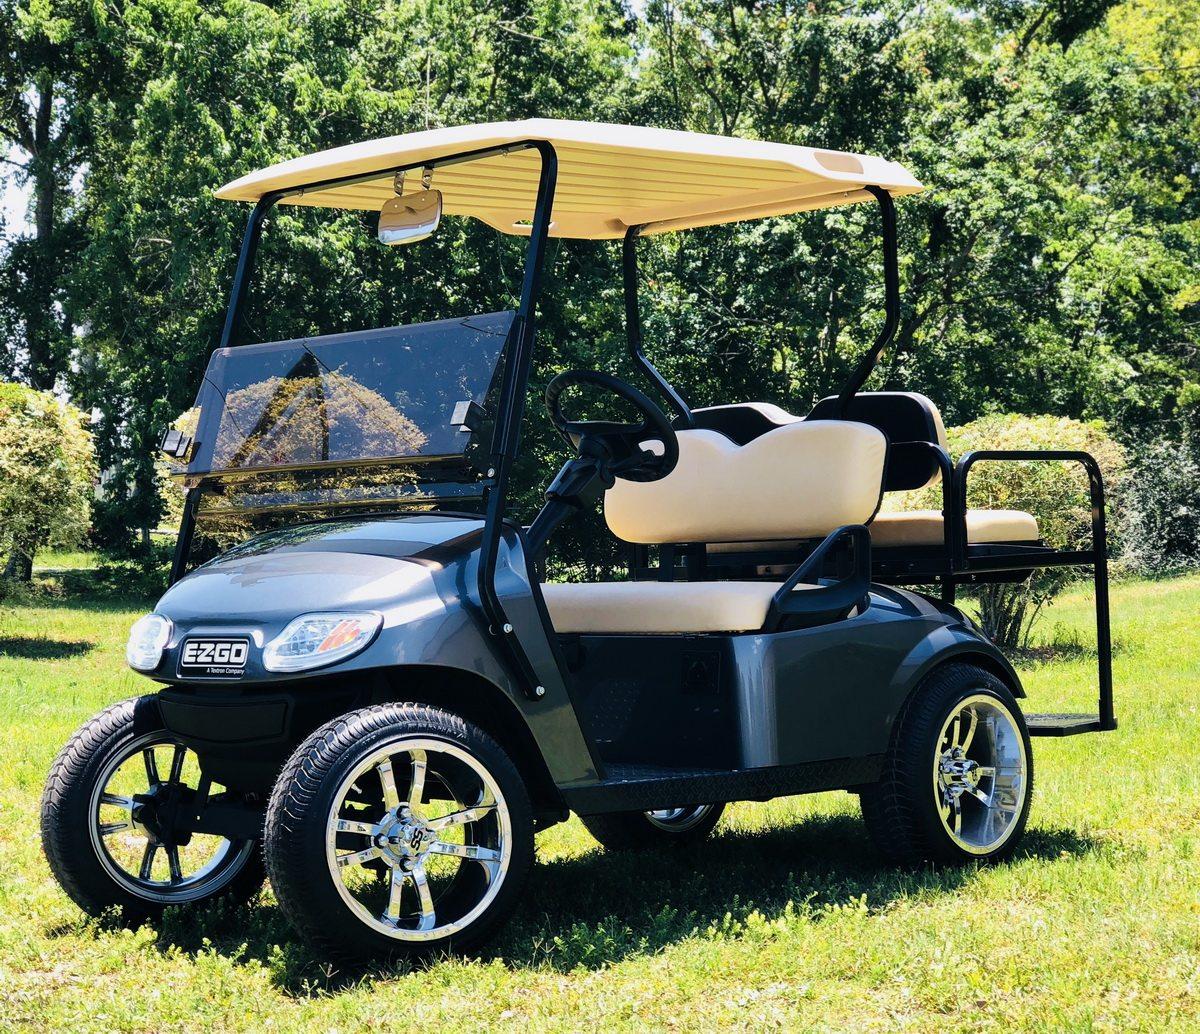 Metallic Charcoal EZGO with backseat kit